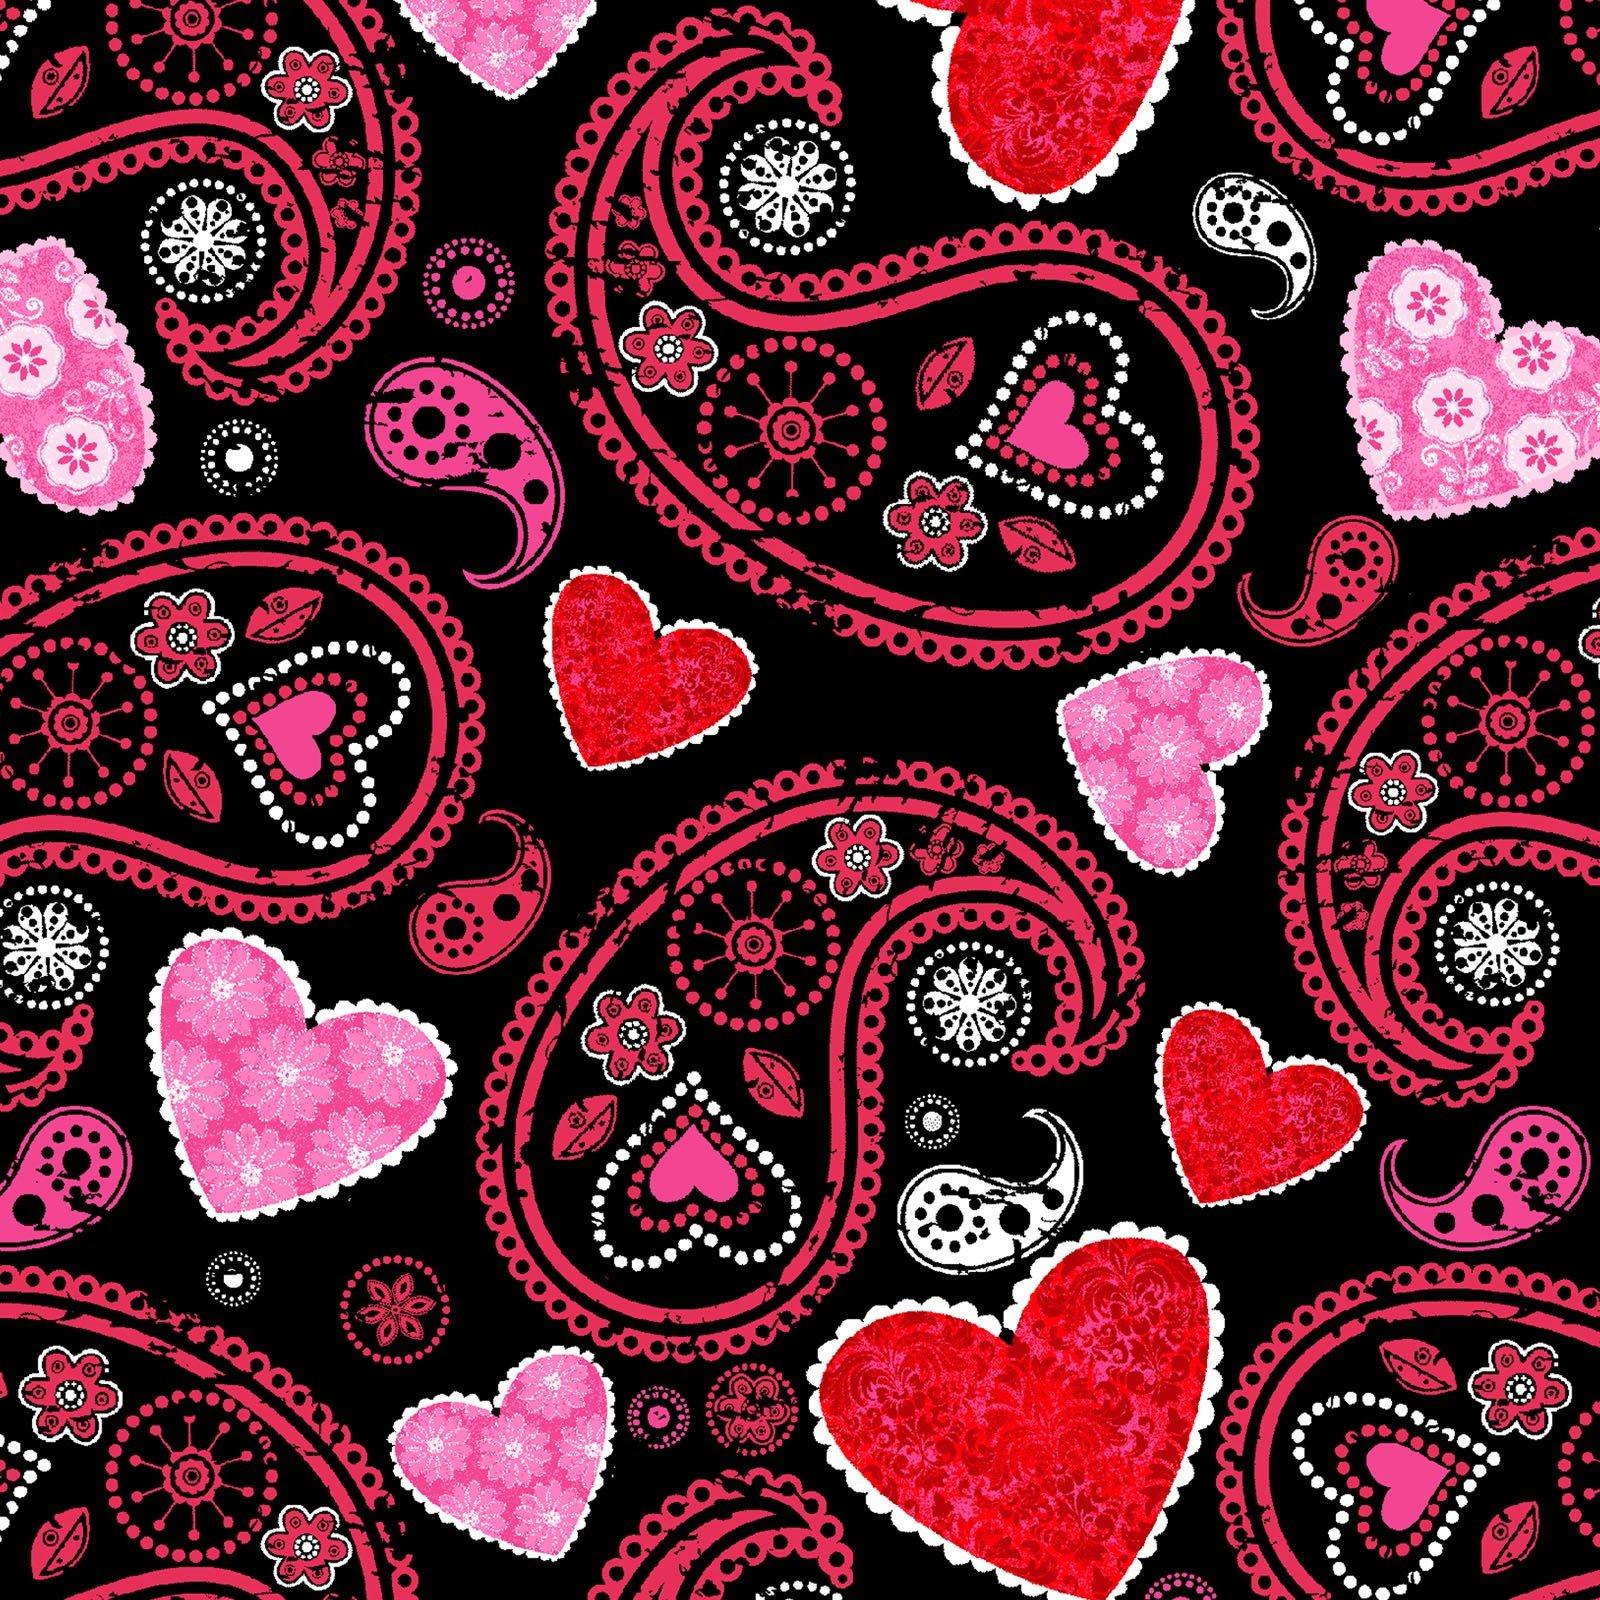 Hearts of Love Paisley Black<br/>Studio-e 4378-99